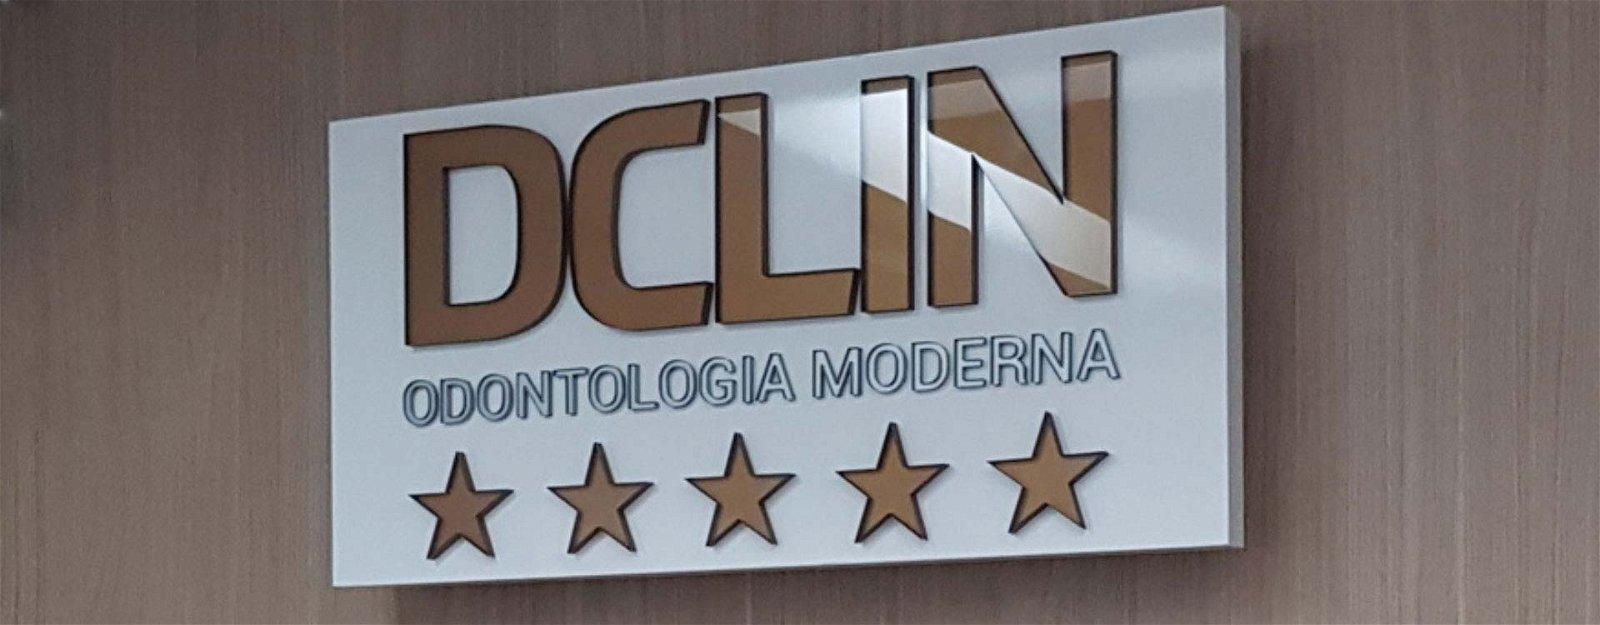 Placas de Sinalização em São Paulo SP